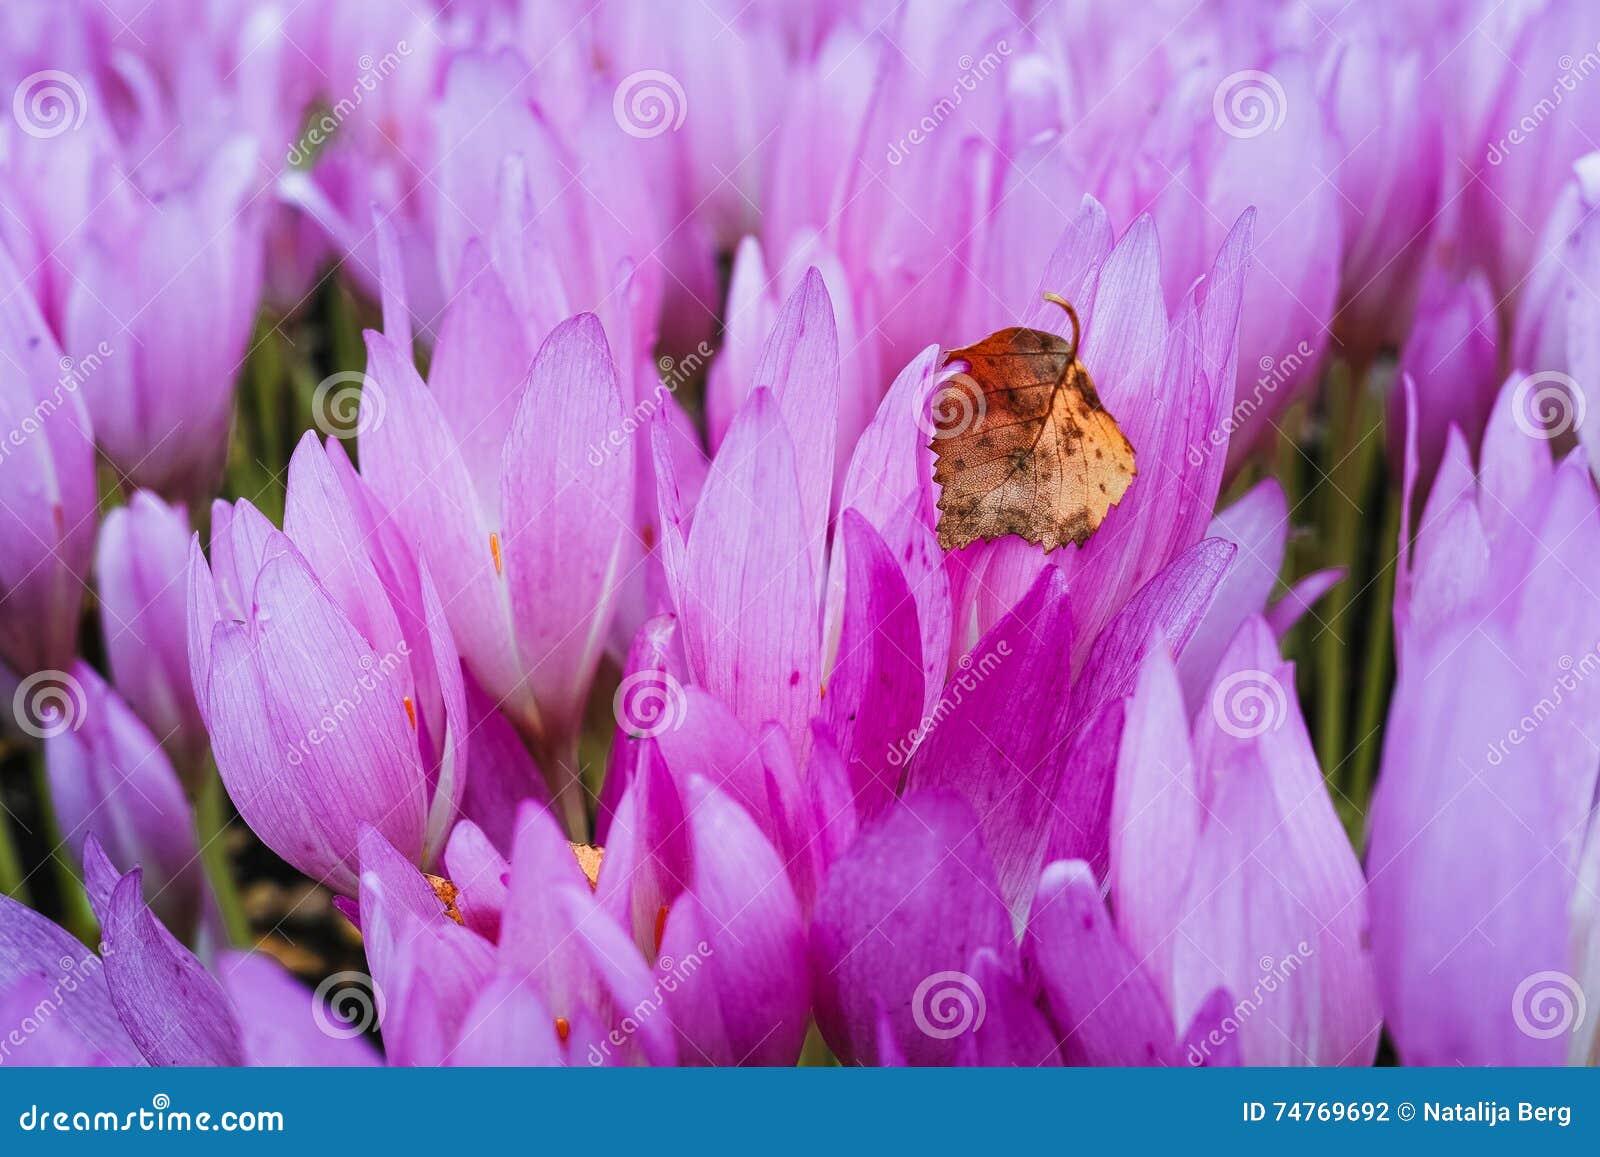 Birkenblatt Und Herbstzeitlosen Stockfoto Bild Von Blumenblatt